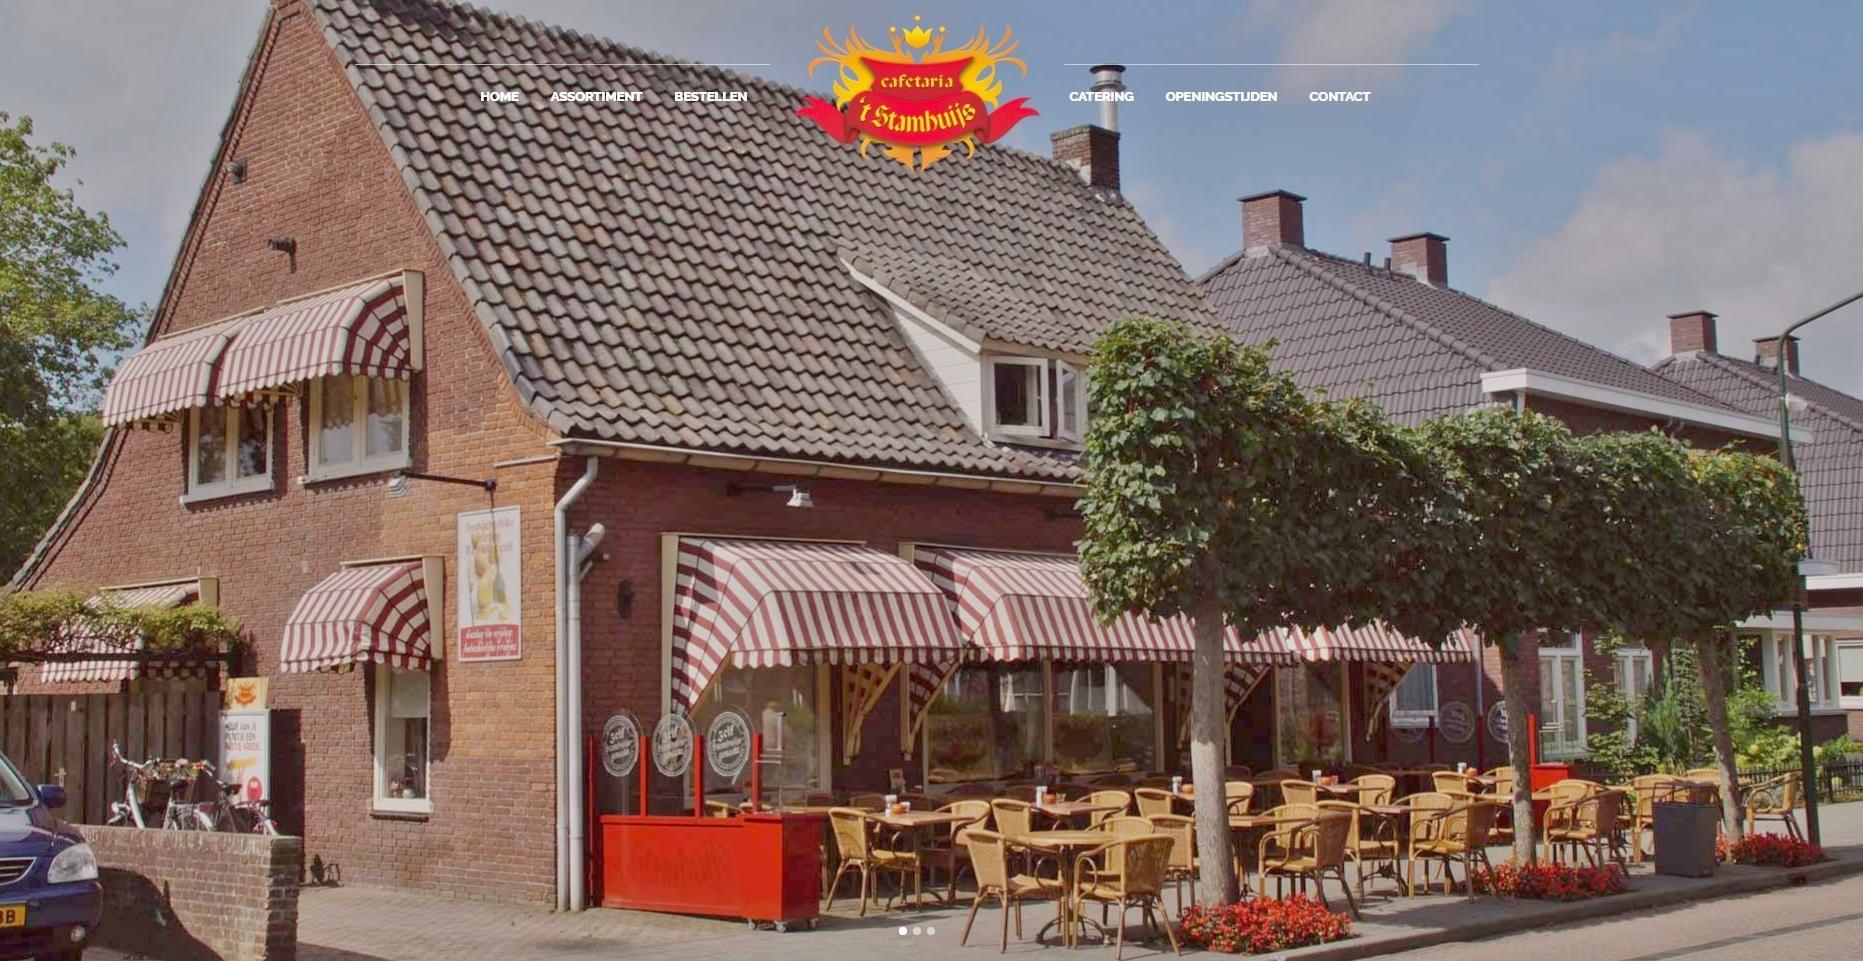 Cafetaria/Eeterij 't Stamhuijs